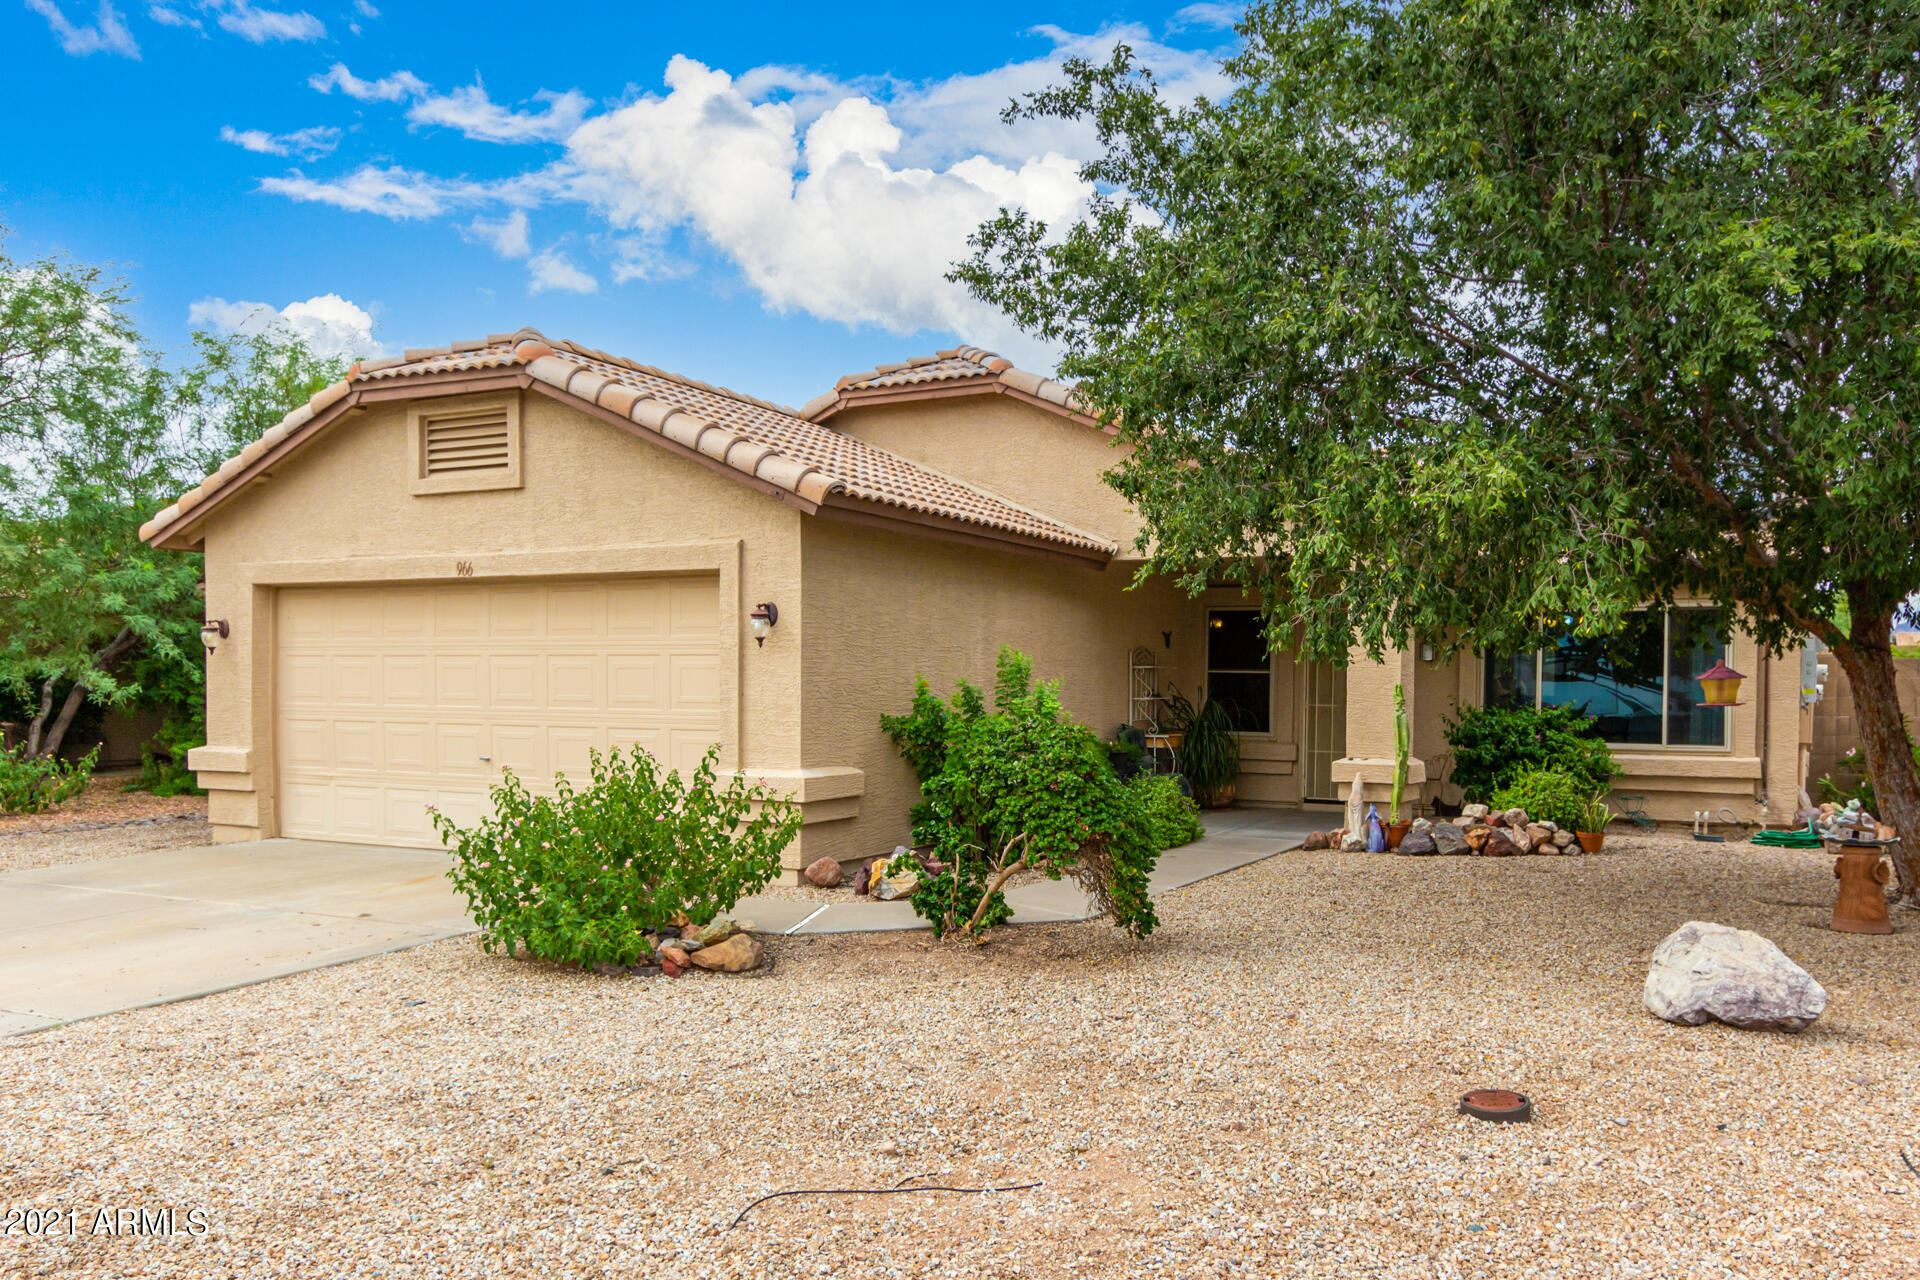 Photo of 966 W 15TH Lane, Apache Junction, AZ 85120 (MLS # 6304204)